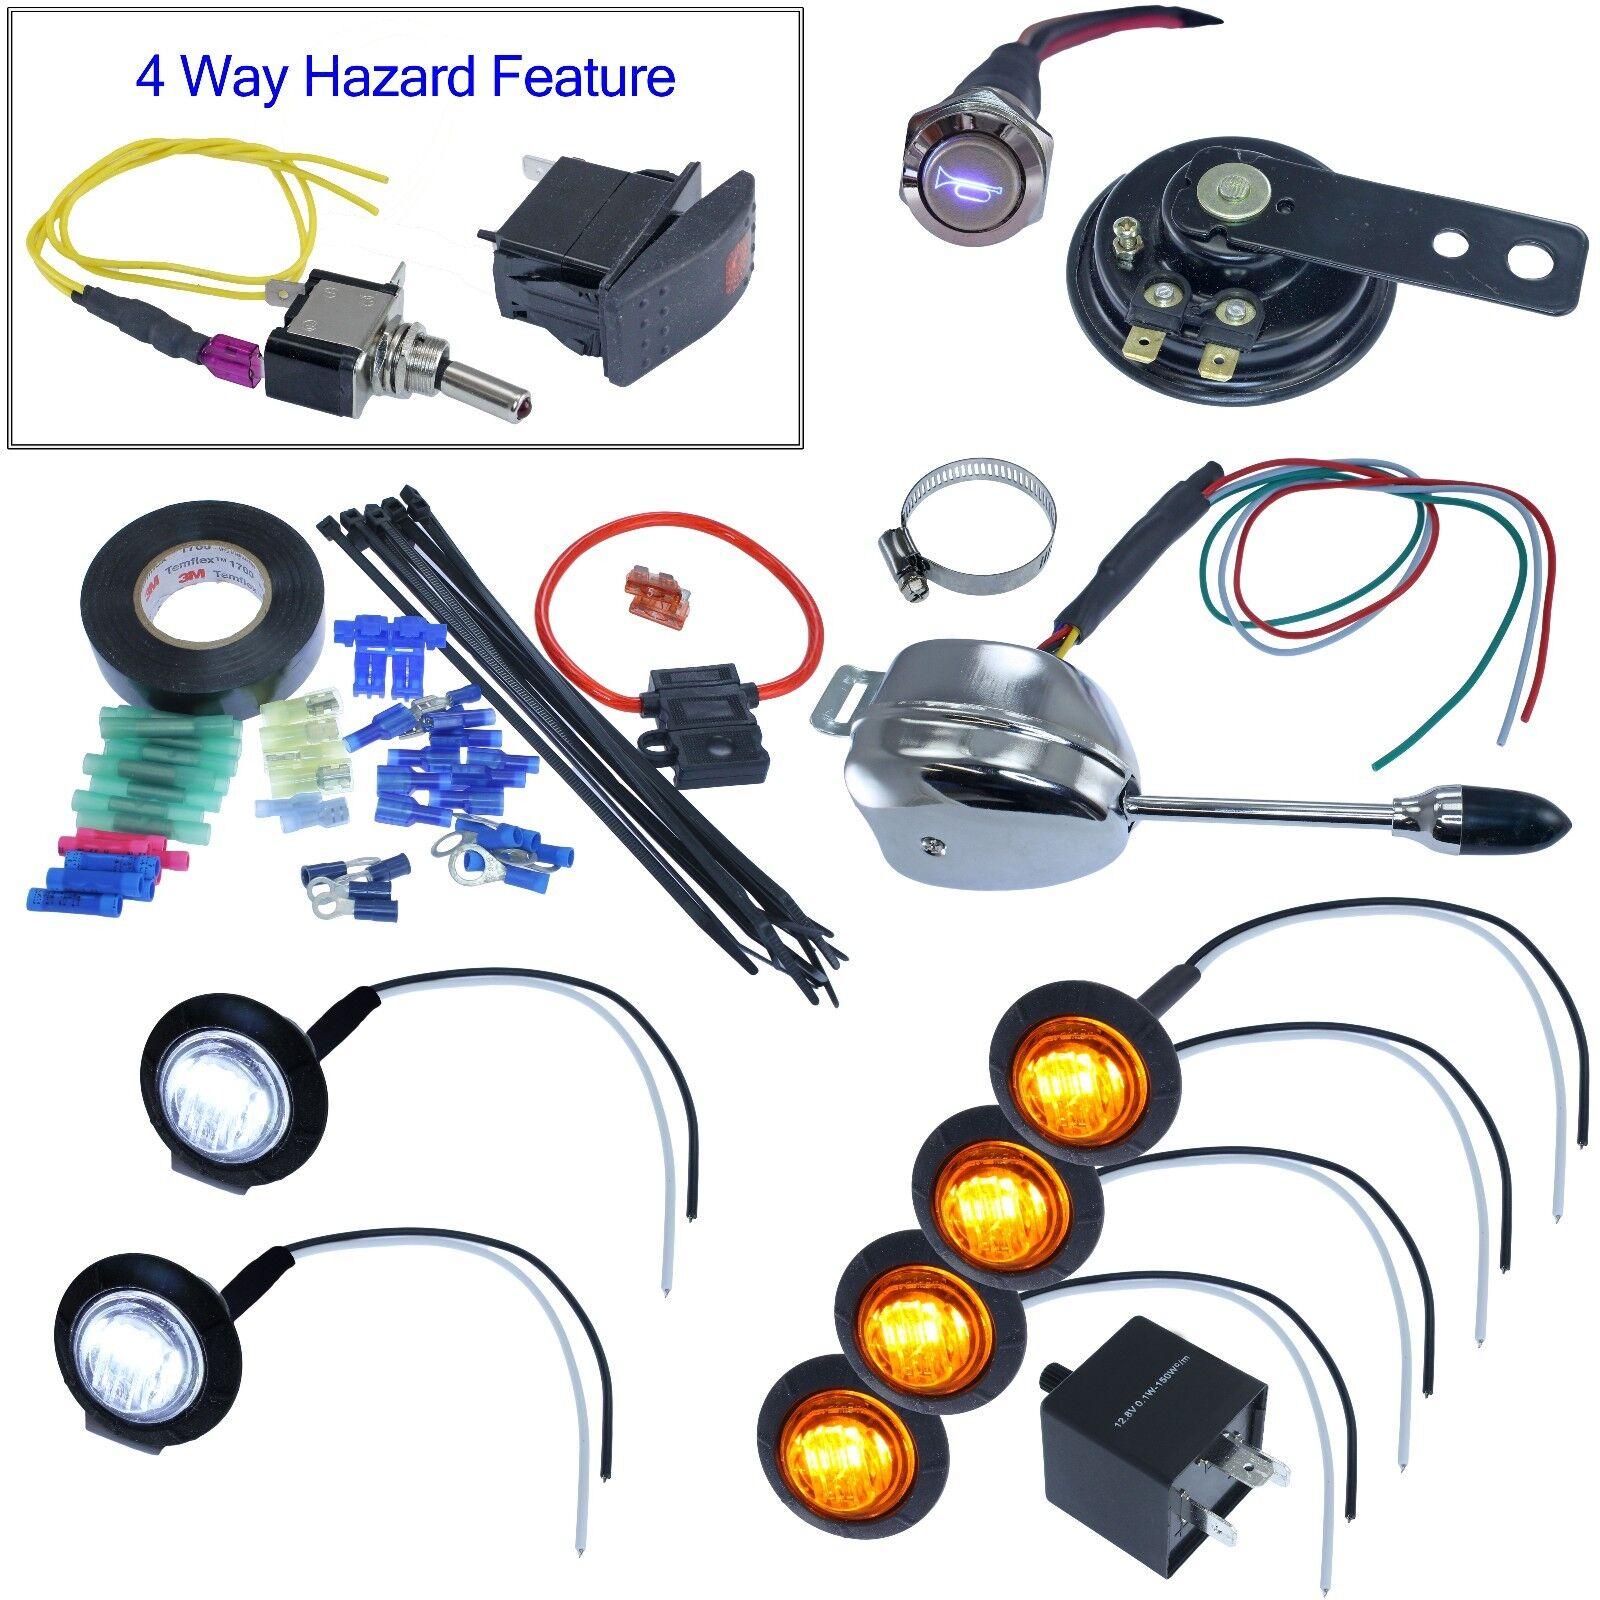 LED column lever LED turn signal kit for Polaris Ranger RZR SXS UTV